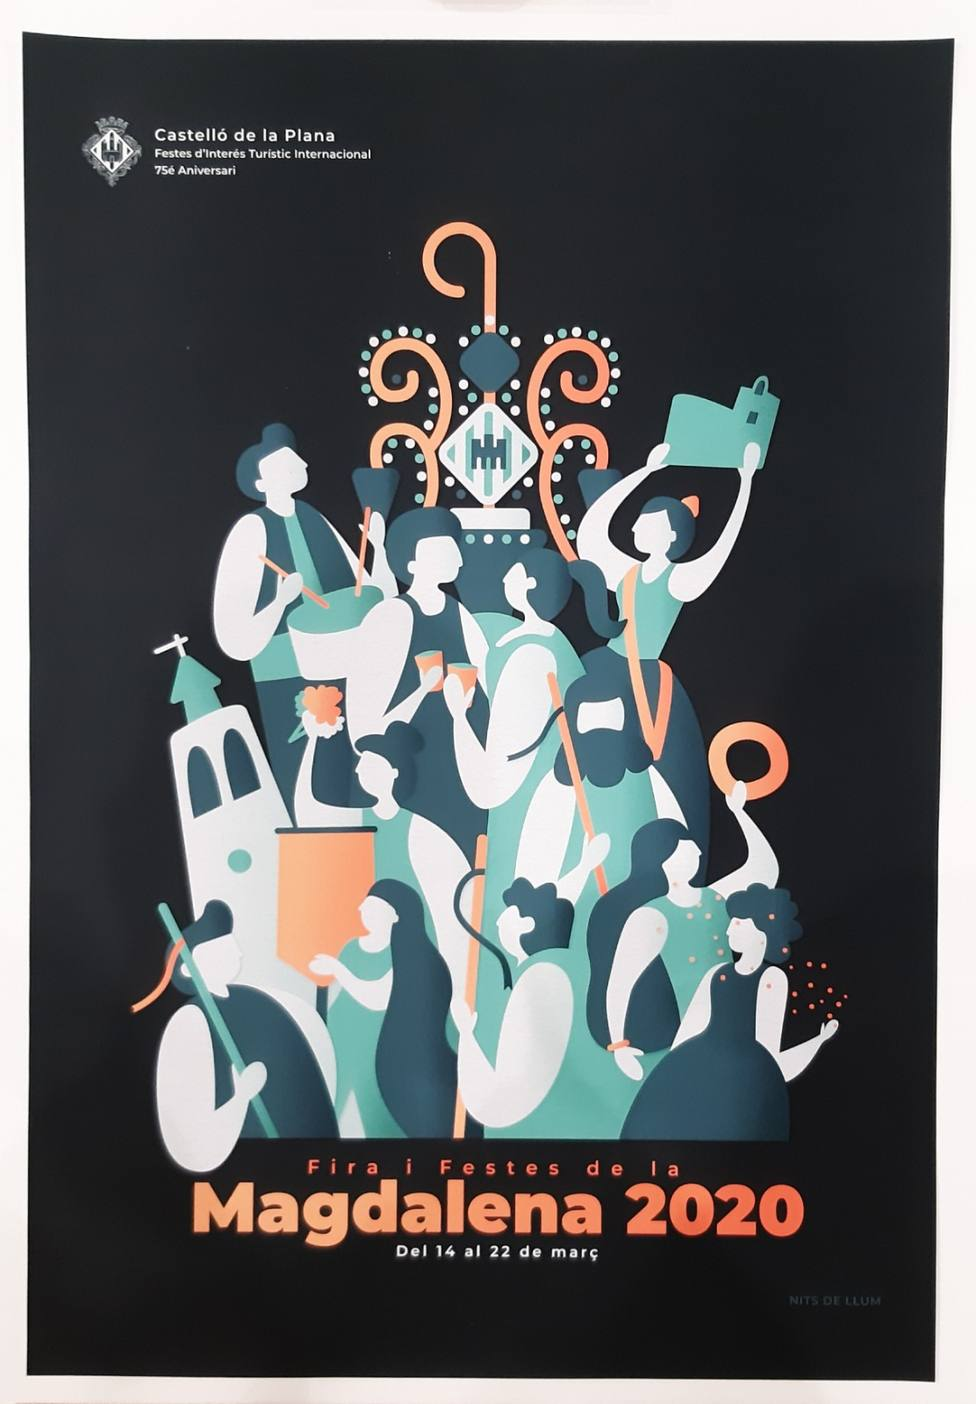 Cartel anunciador de las Fiestas de la Magdalena 2020